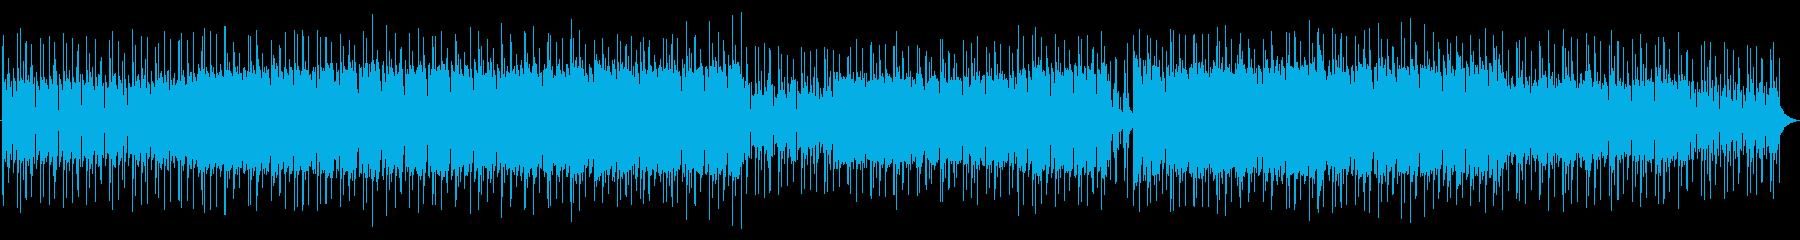 トラップ・切ない・暗い・ピアノ・弦の再生済みの波形